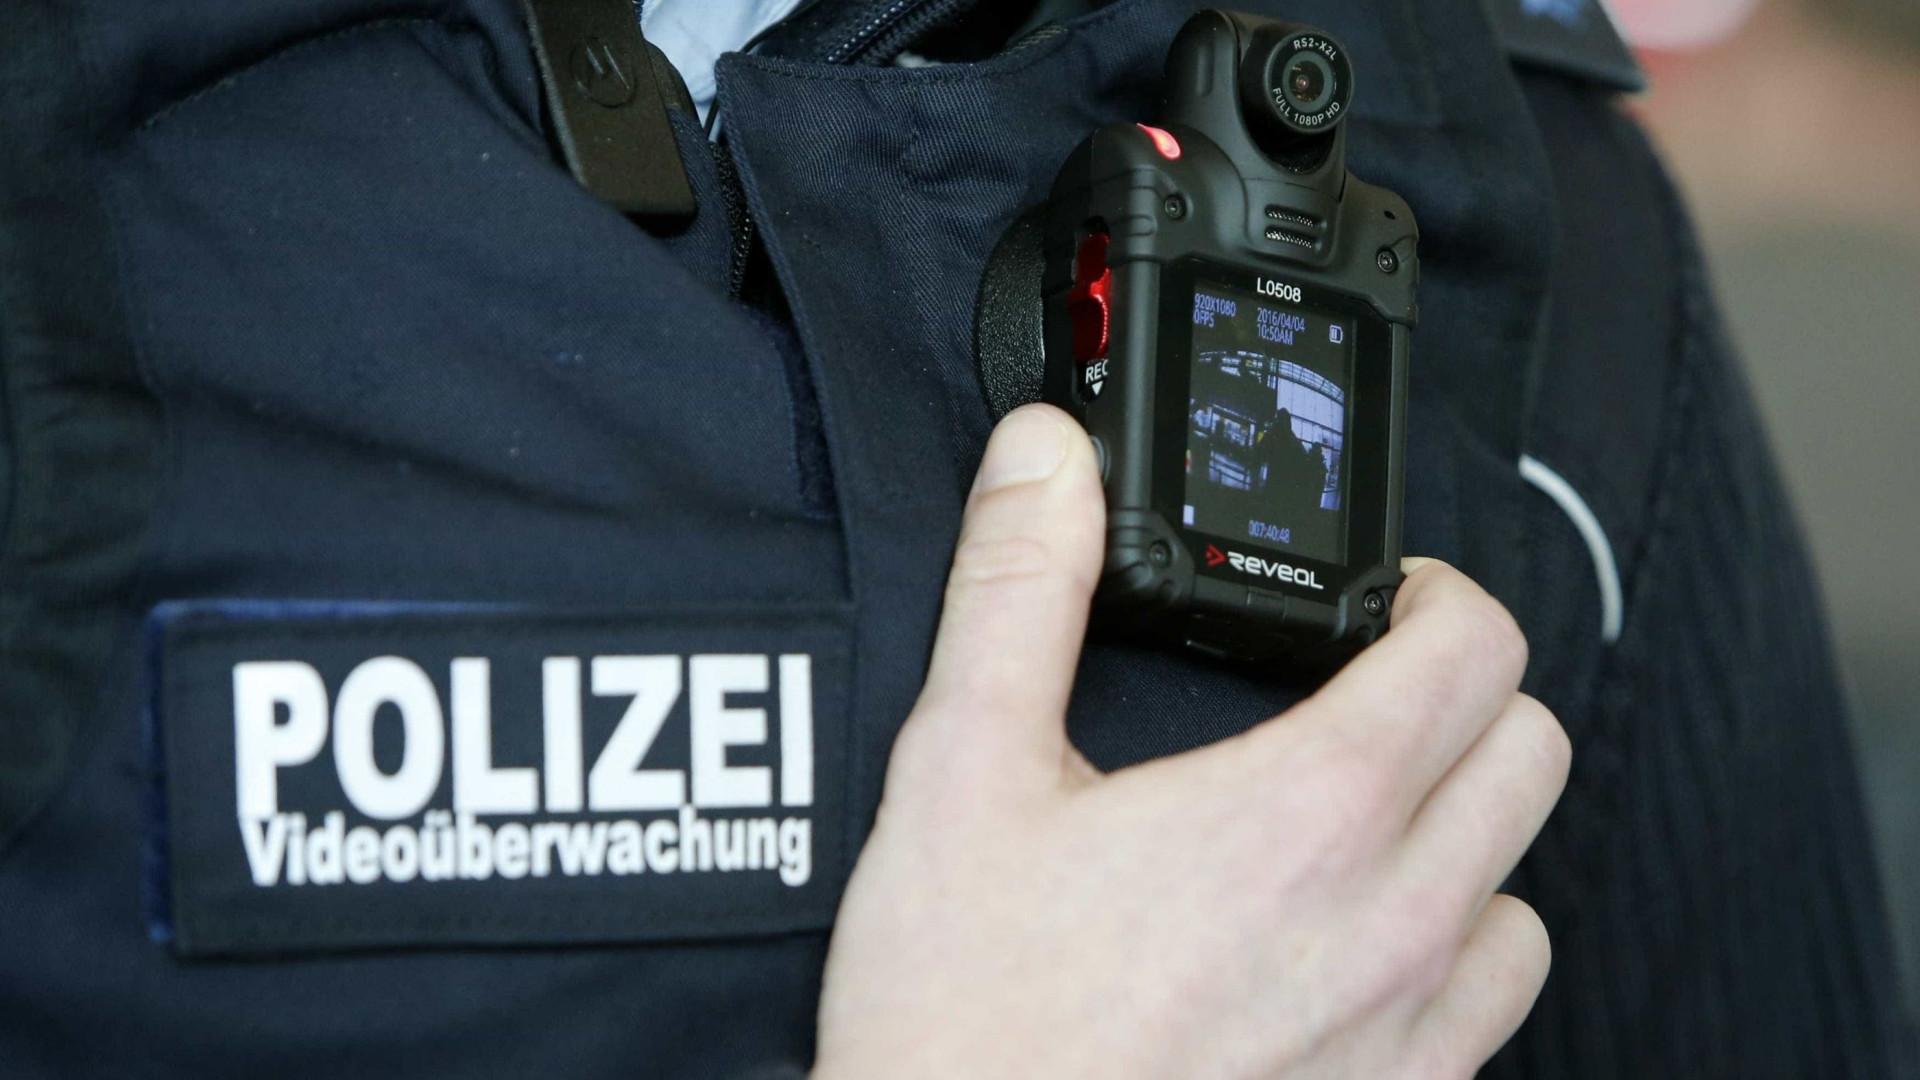 Homem dispara em cabeleireiro alemão. Suspeito está barricado